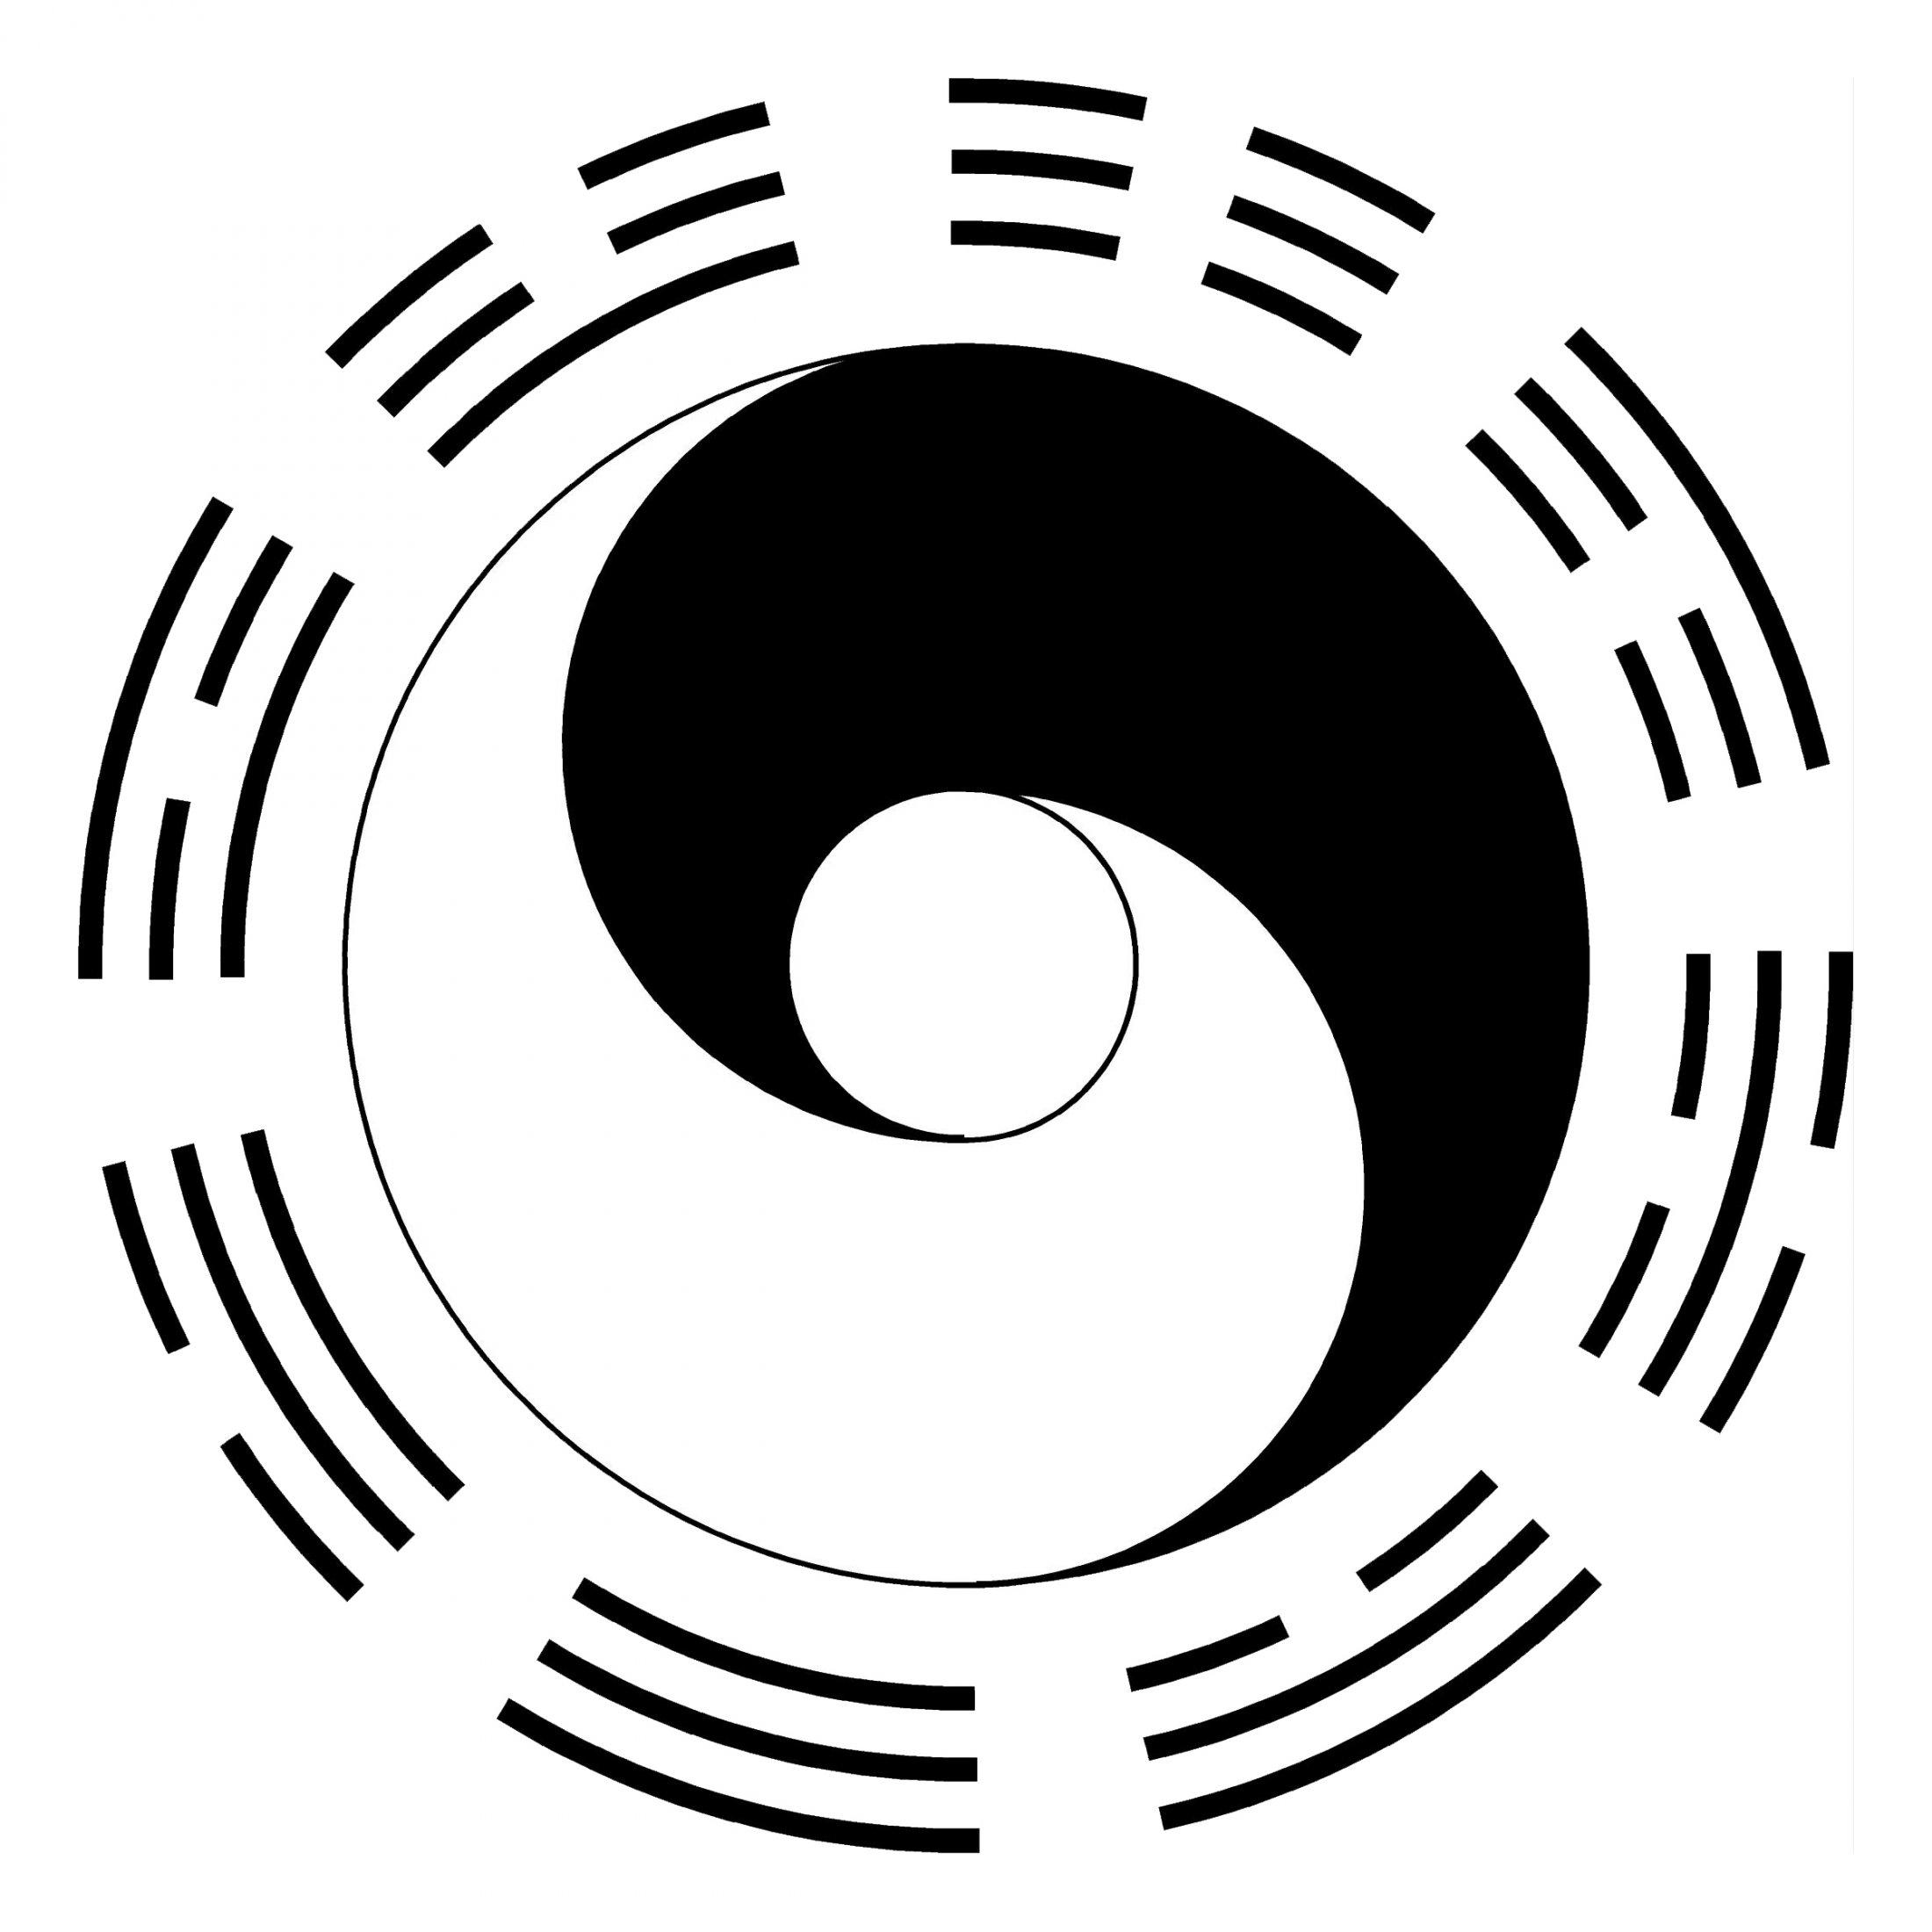 YINYAN-year-8x8in-bw